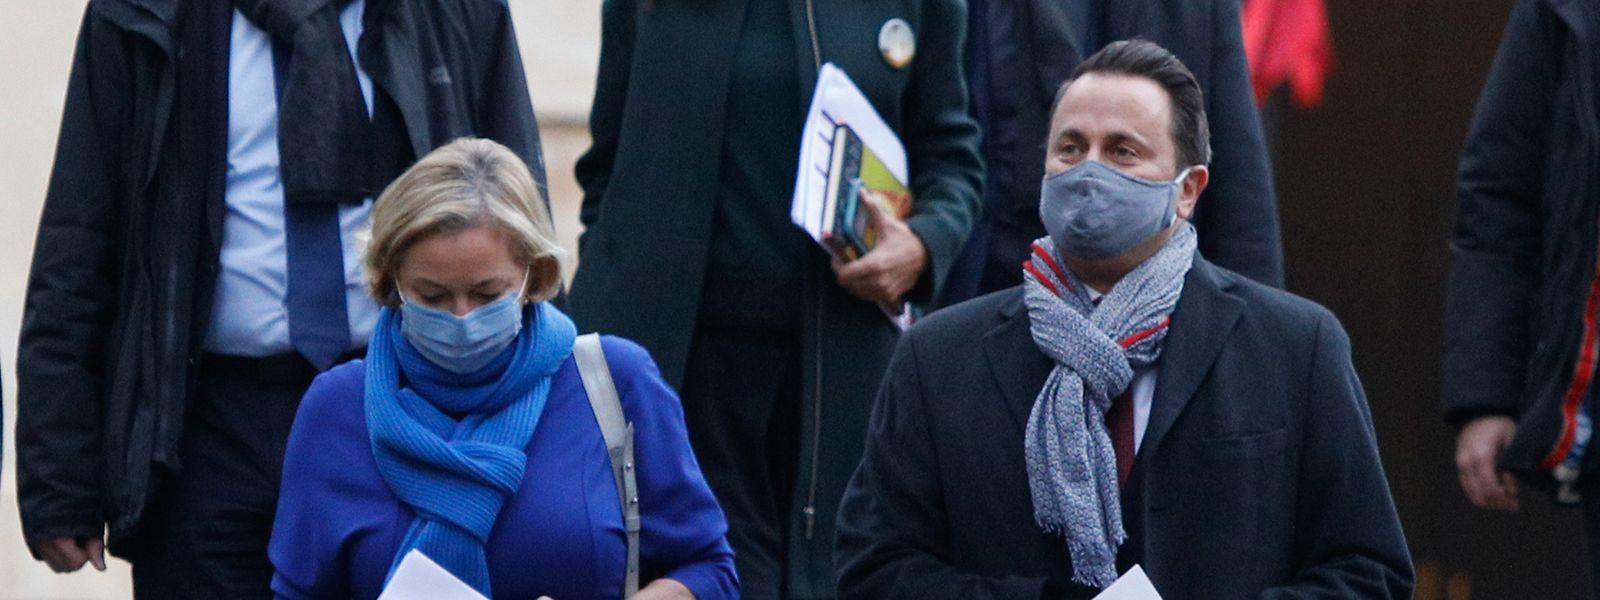 Ministre de la Santé et Premier ministre donnent rendez-vous à 15h pour annoncer les ajustements de la politique sanitaire et sociale du Luxembourg.